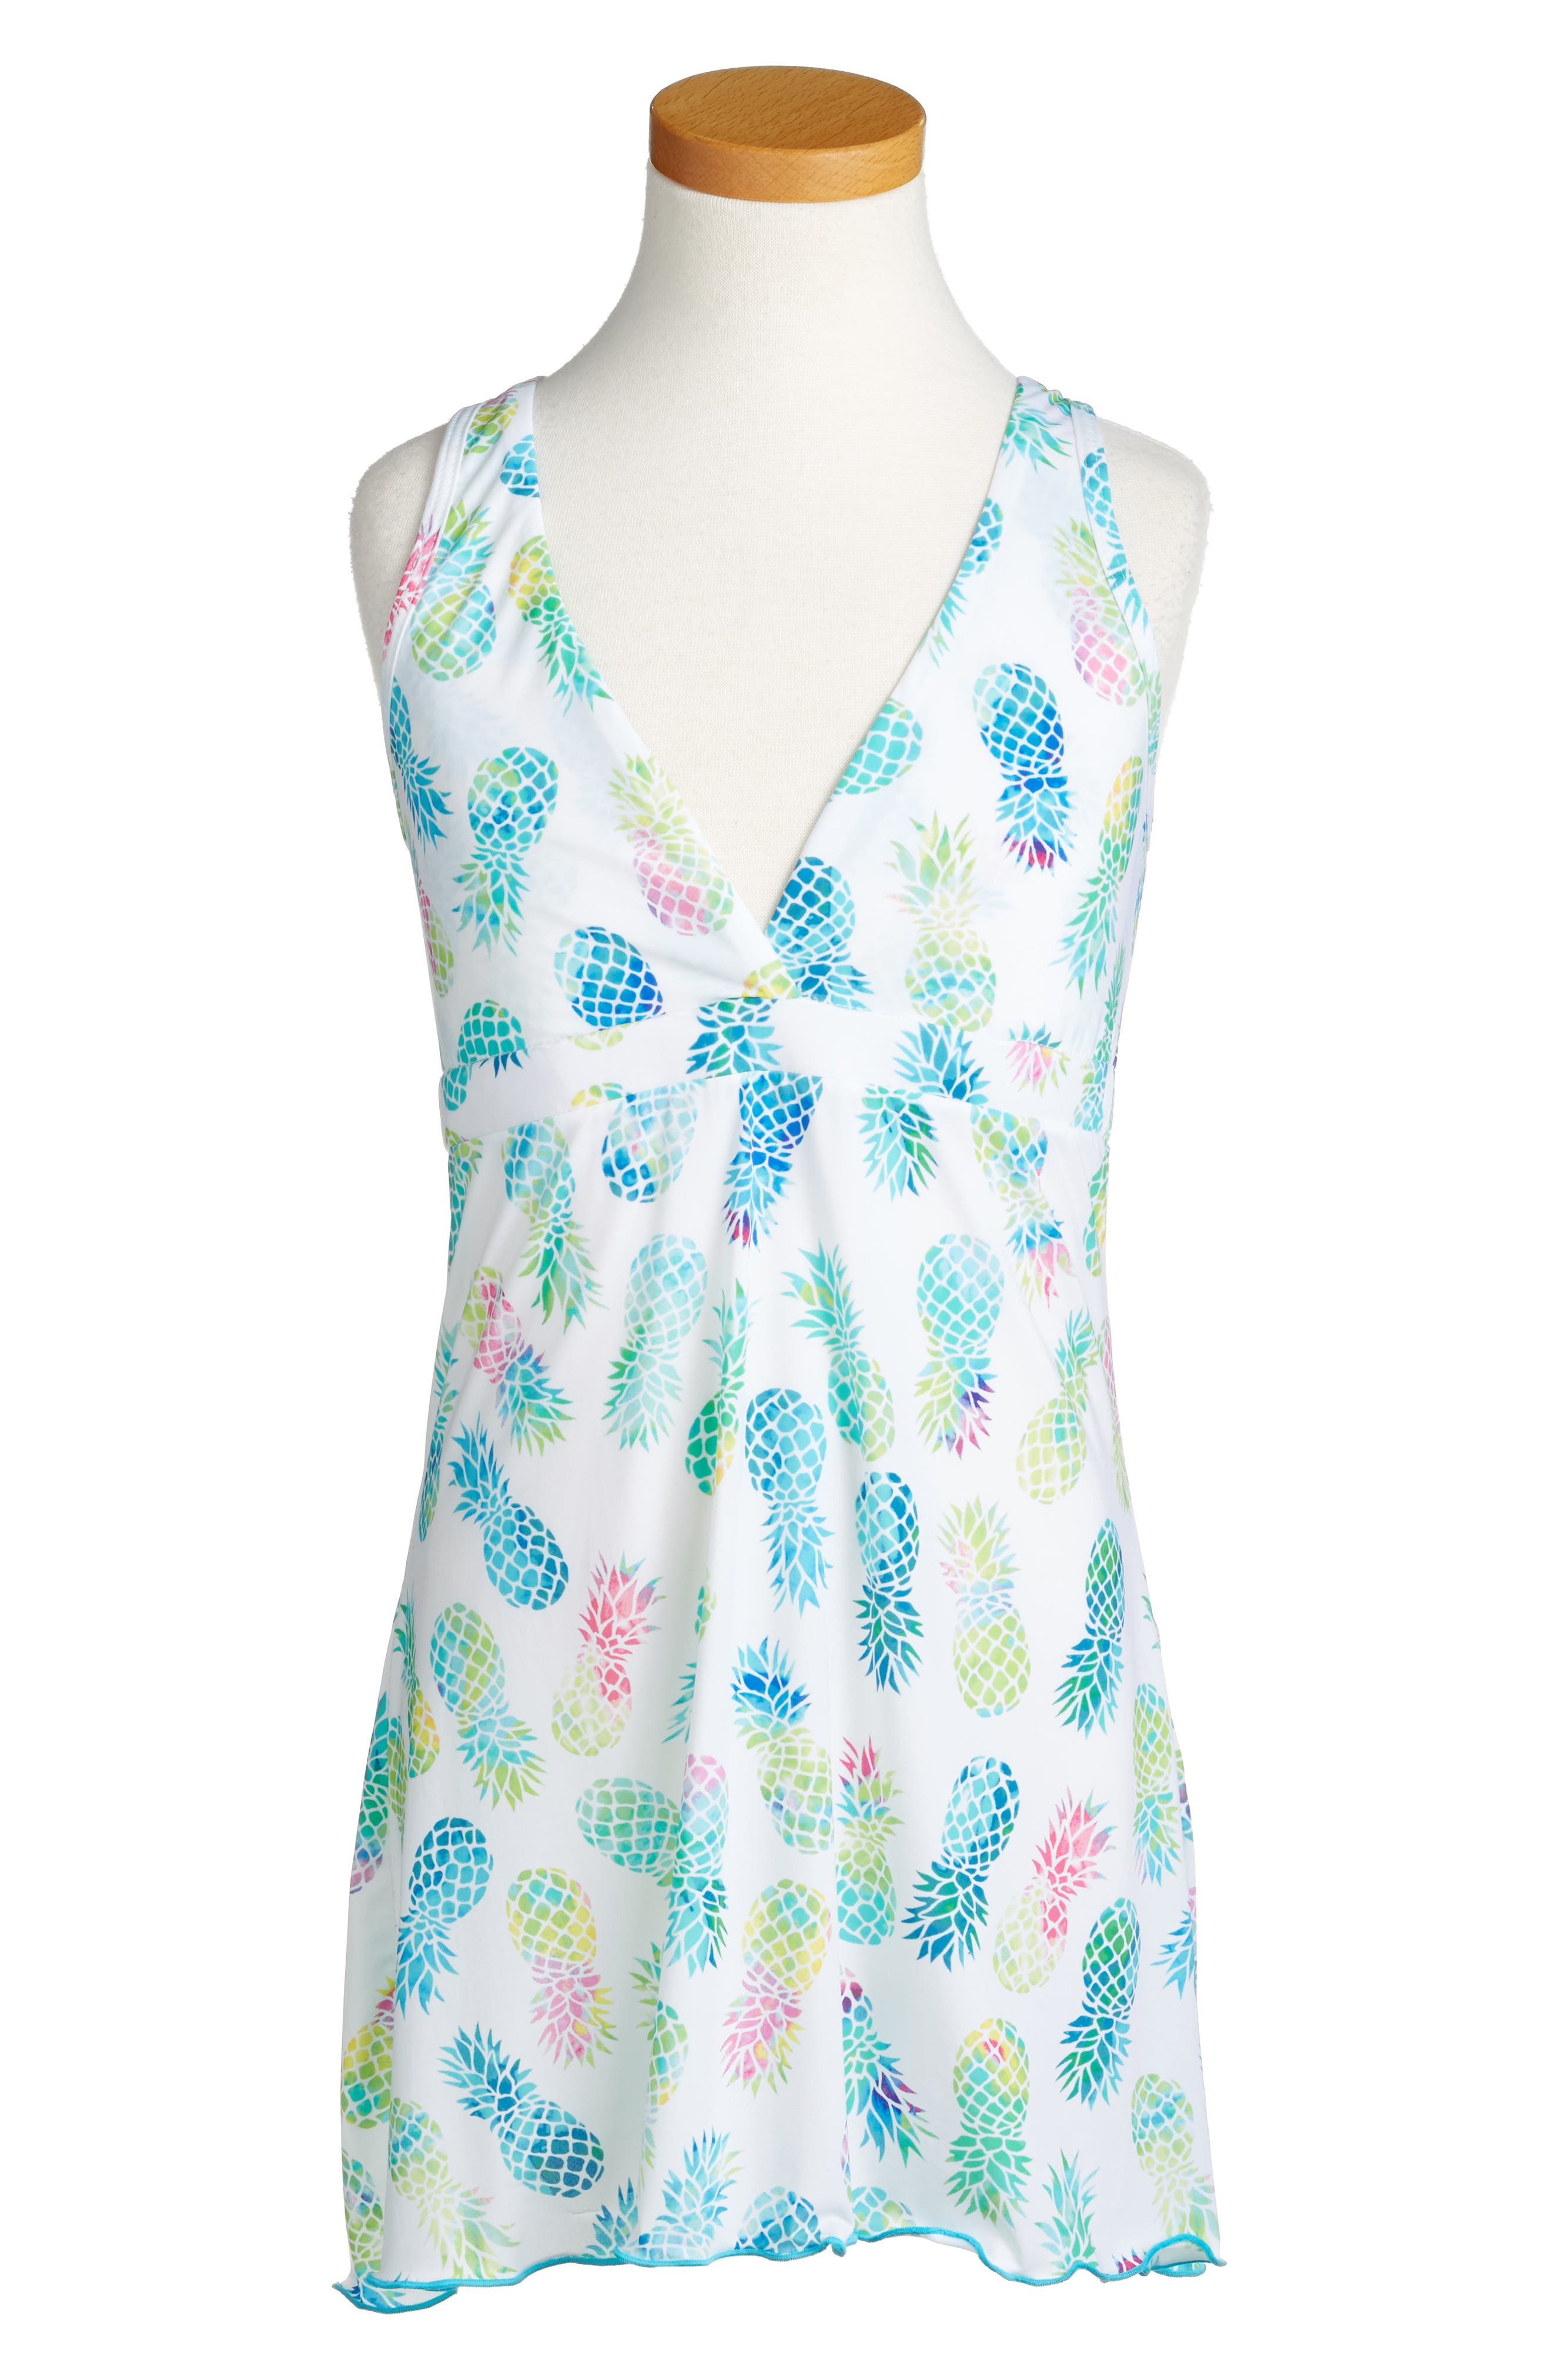 Main Image - PilyQ Little Parker Print Cover-Up Dress (Little Girls & Big Girls)